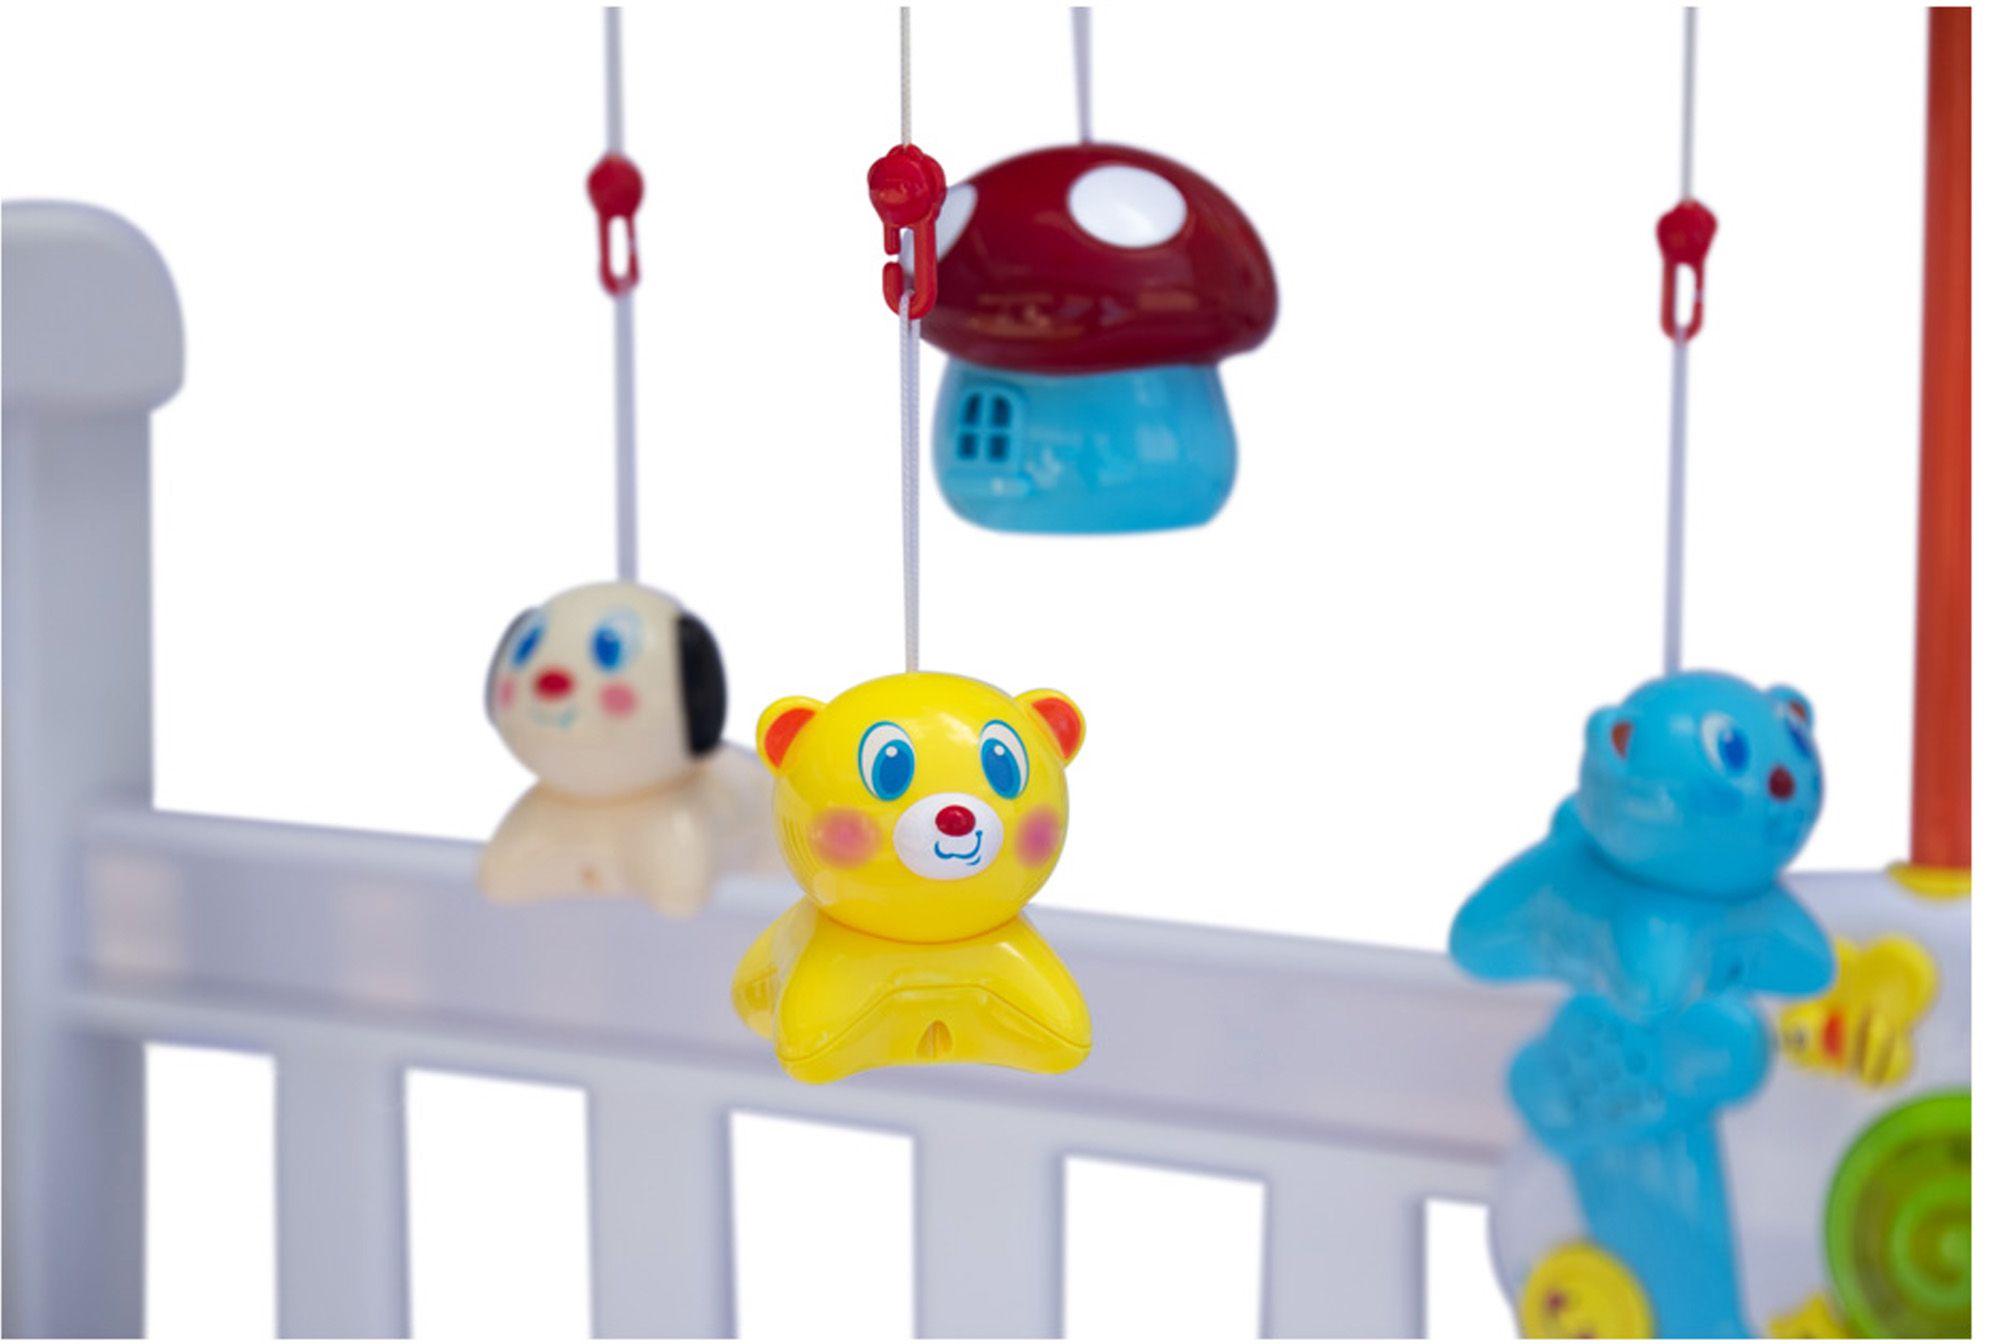 Móbile Musical Divertido Animais Inteligente Bebê Canta 26 Músicas Acende Luz Estimula Coordenação Motora Bolhas De Sabão Zoop Toys Modelo ZP00118